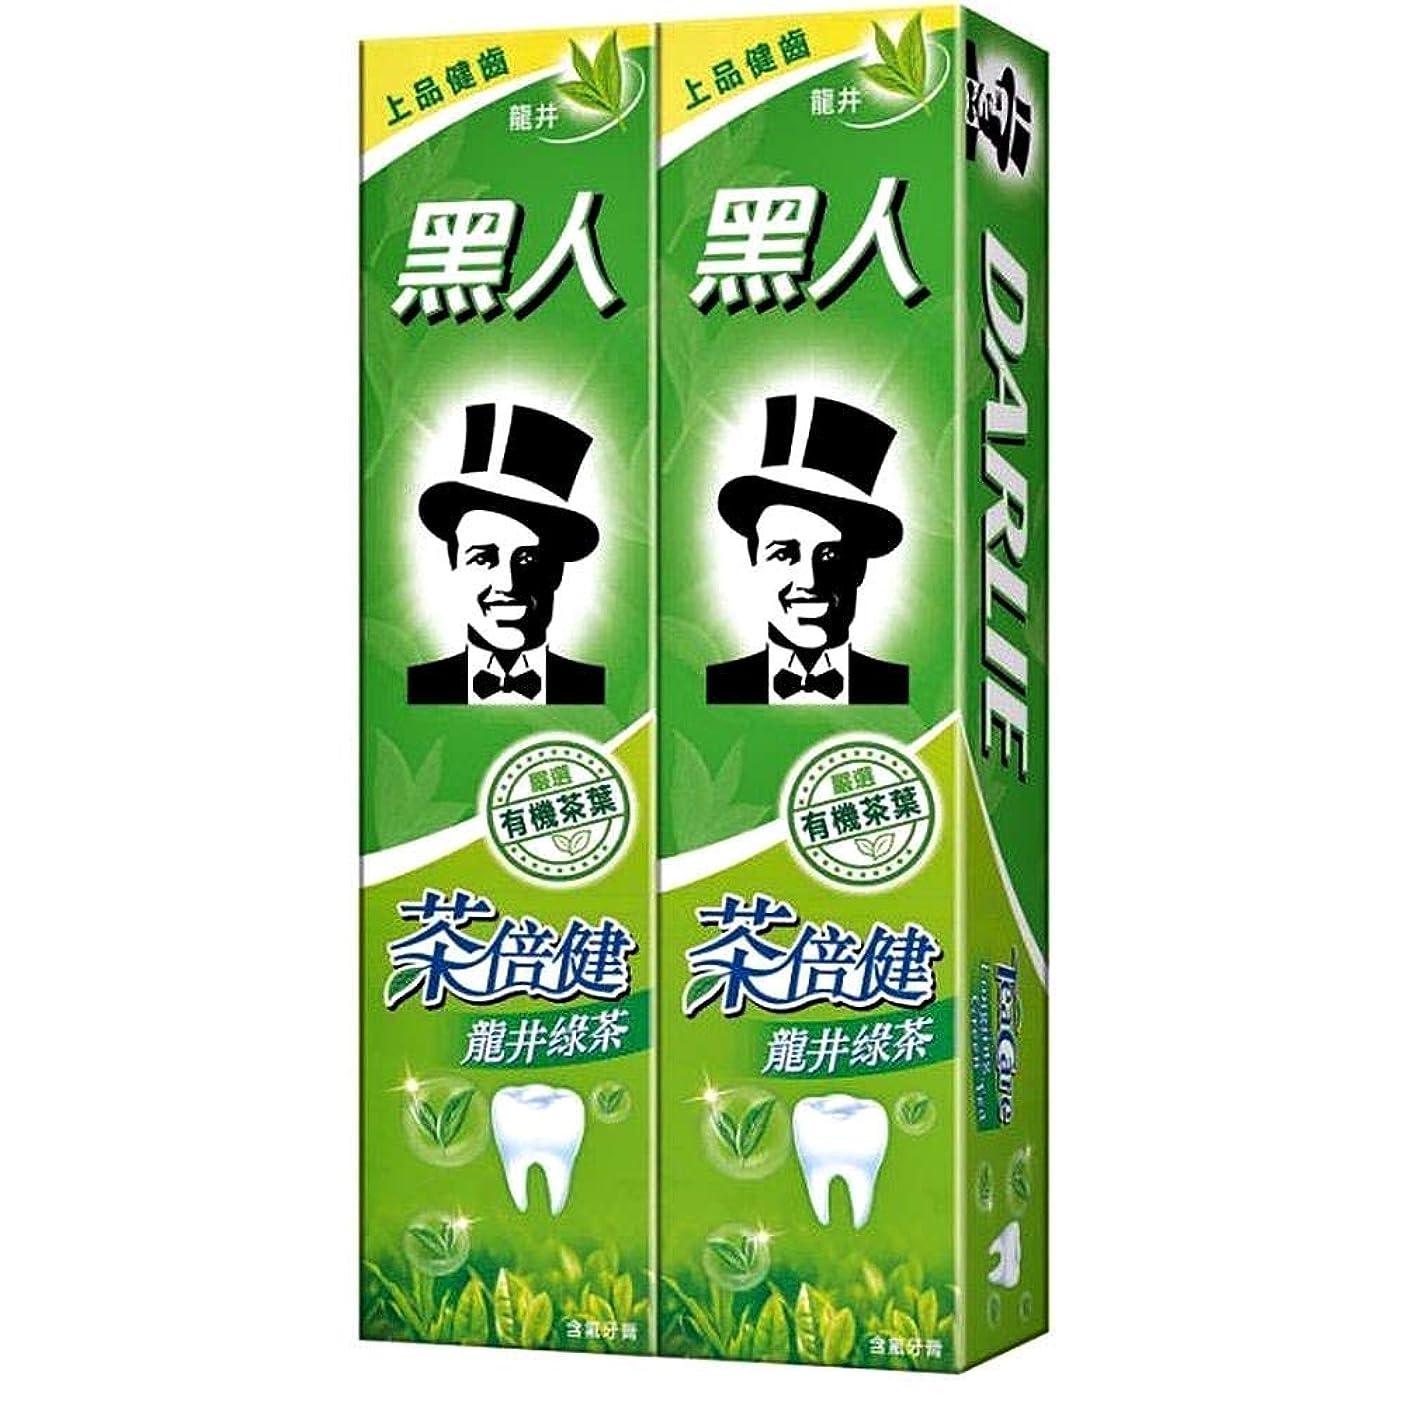 津波酔ったマイコン黑人 茶倍健 龍井緑茶 緑茶成分歯磨き粉配合160g×2 [並行輸入品]